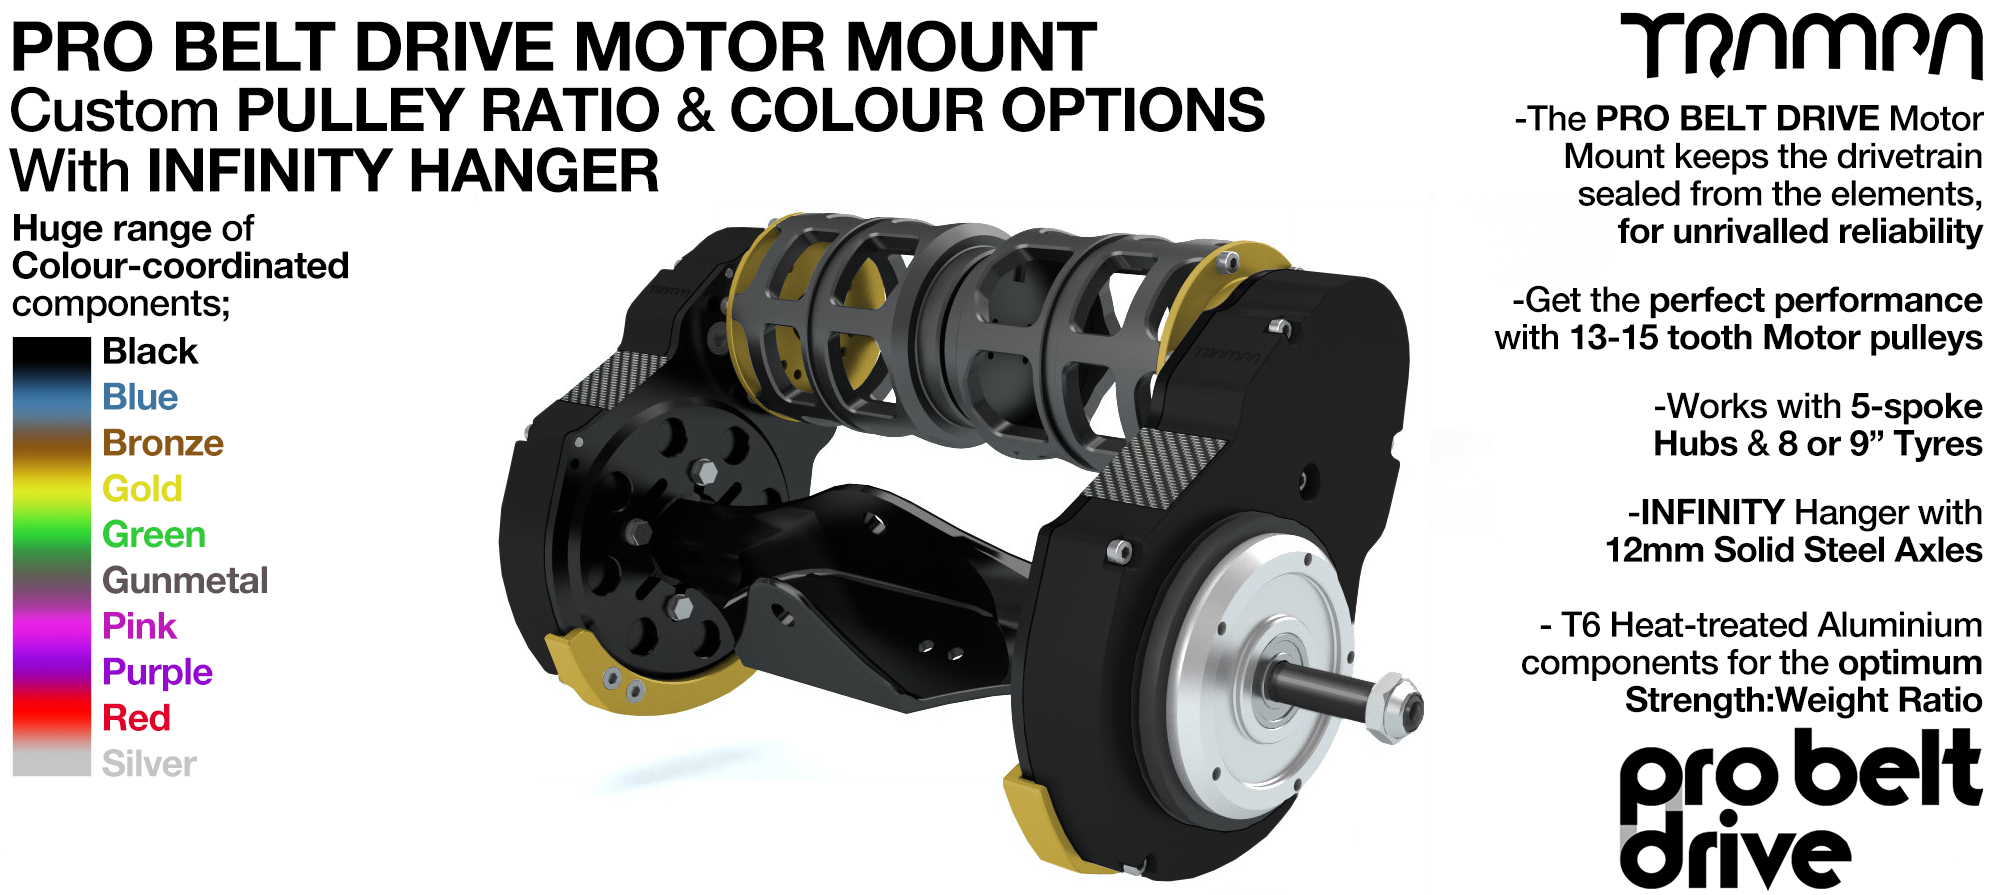 Mountainboard PRO Belt Drive TWIN Motor Mounts & Precision INFINITY Hanger